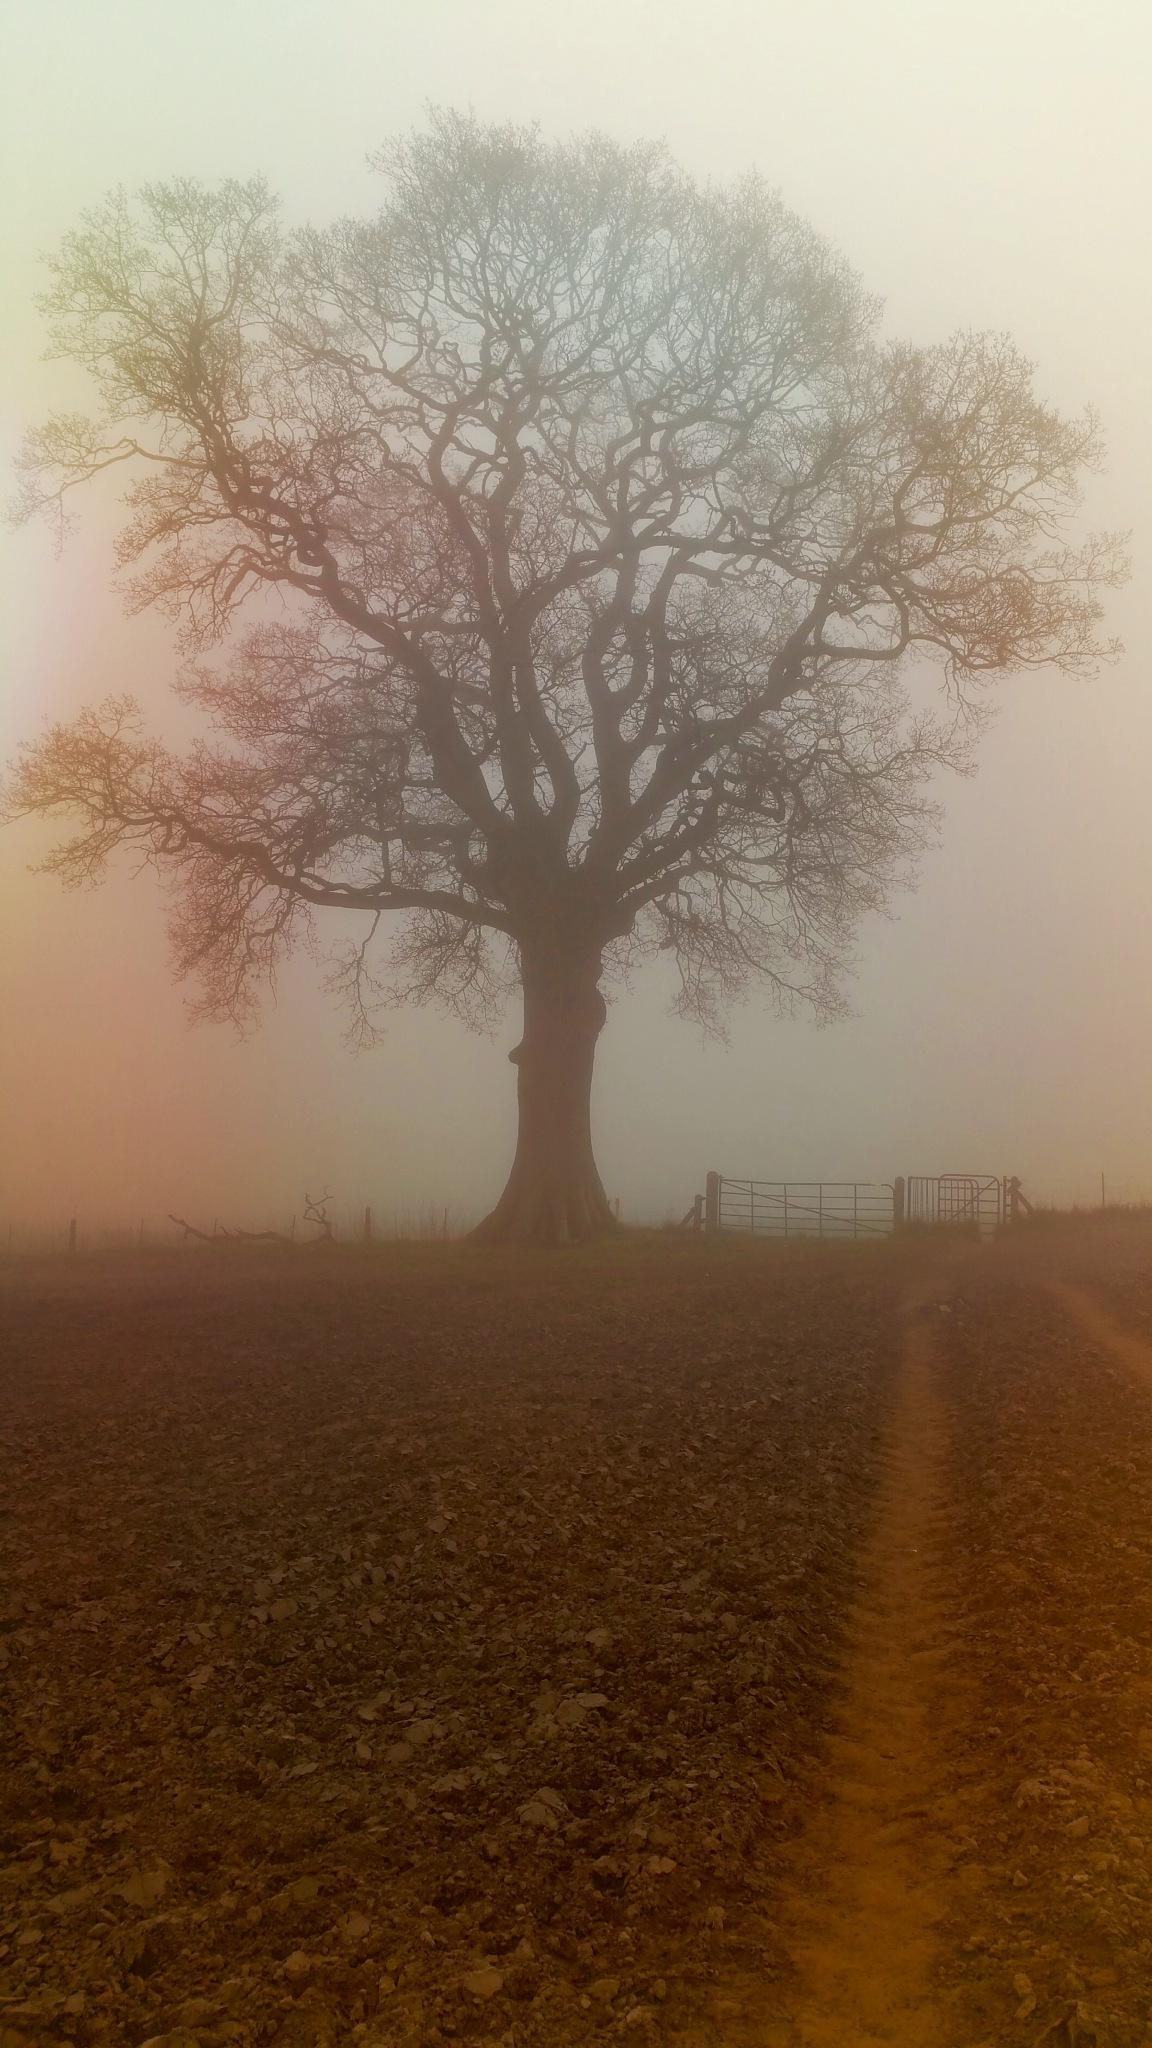 Foggy morning by DarekSycz